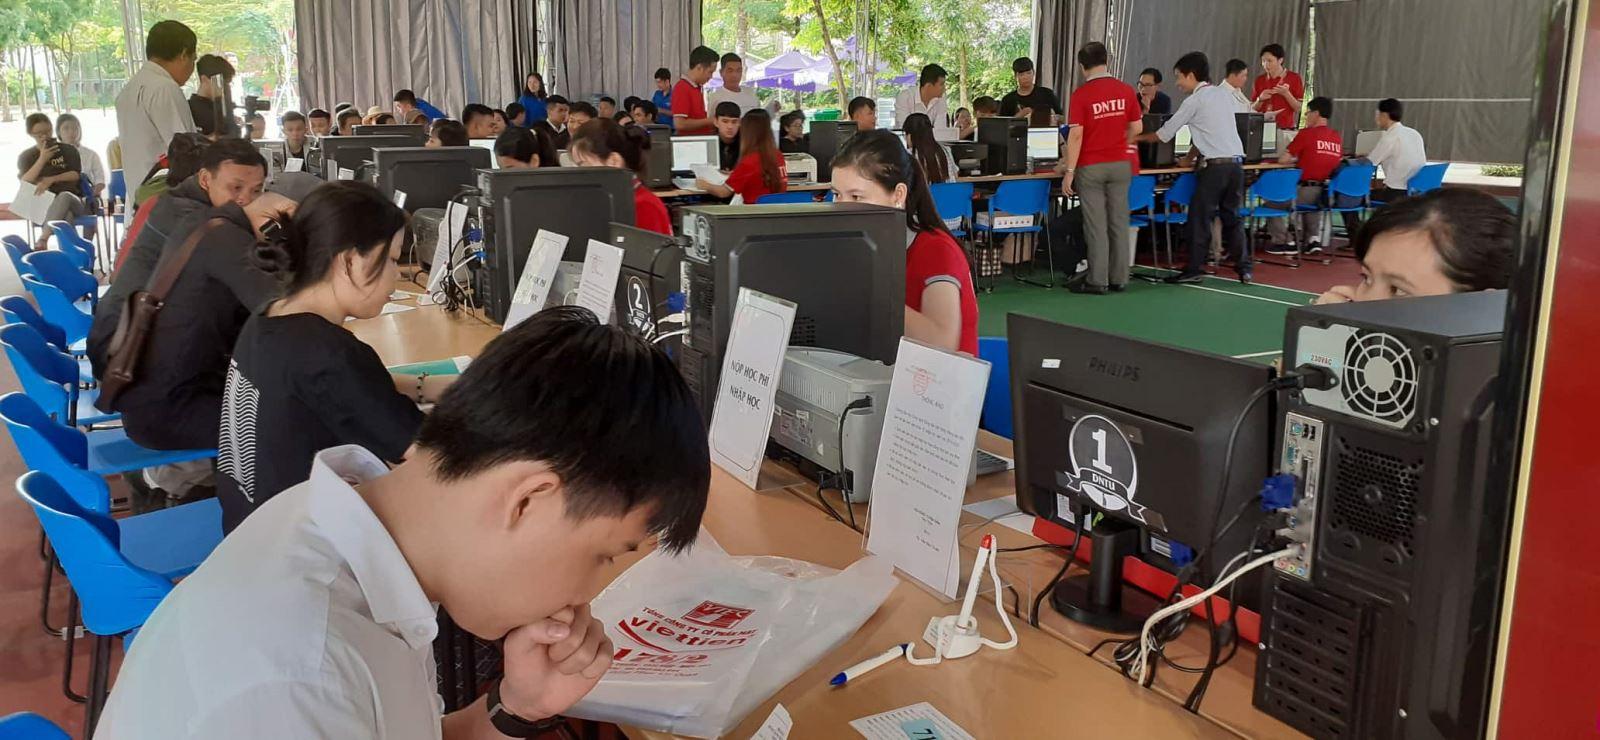 Tân sinh viên DNTU phấn khởi trong những ngày đầu nhập học